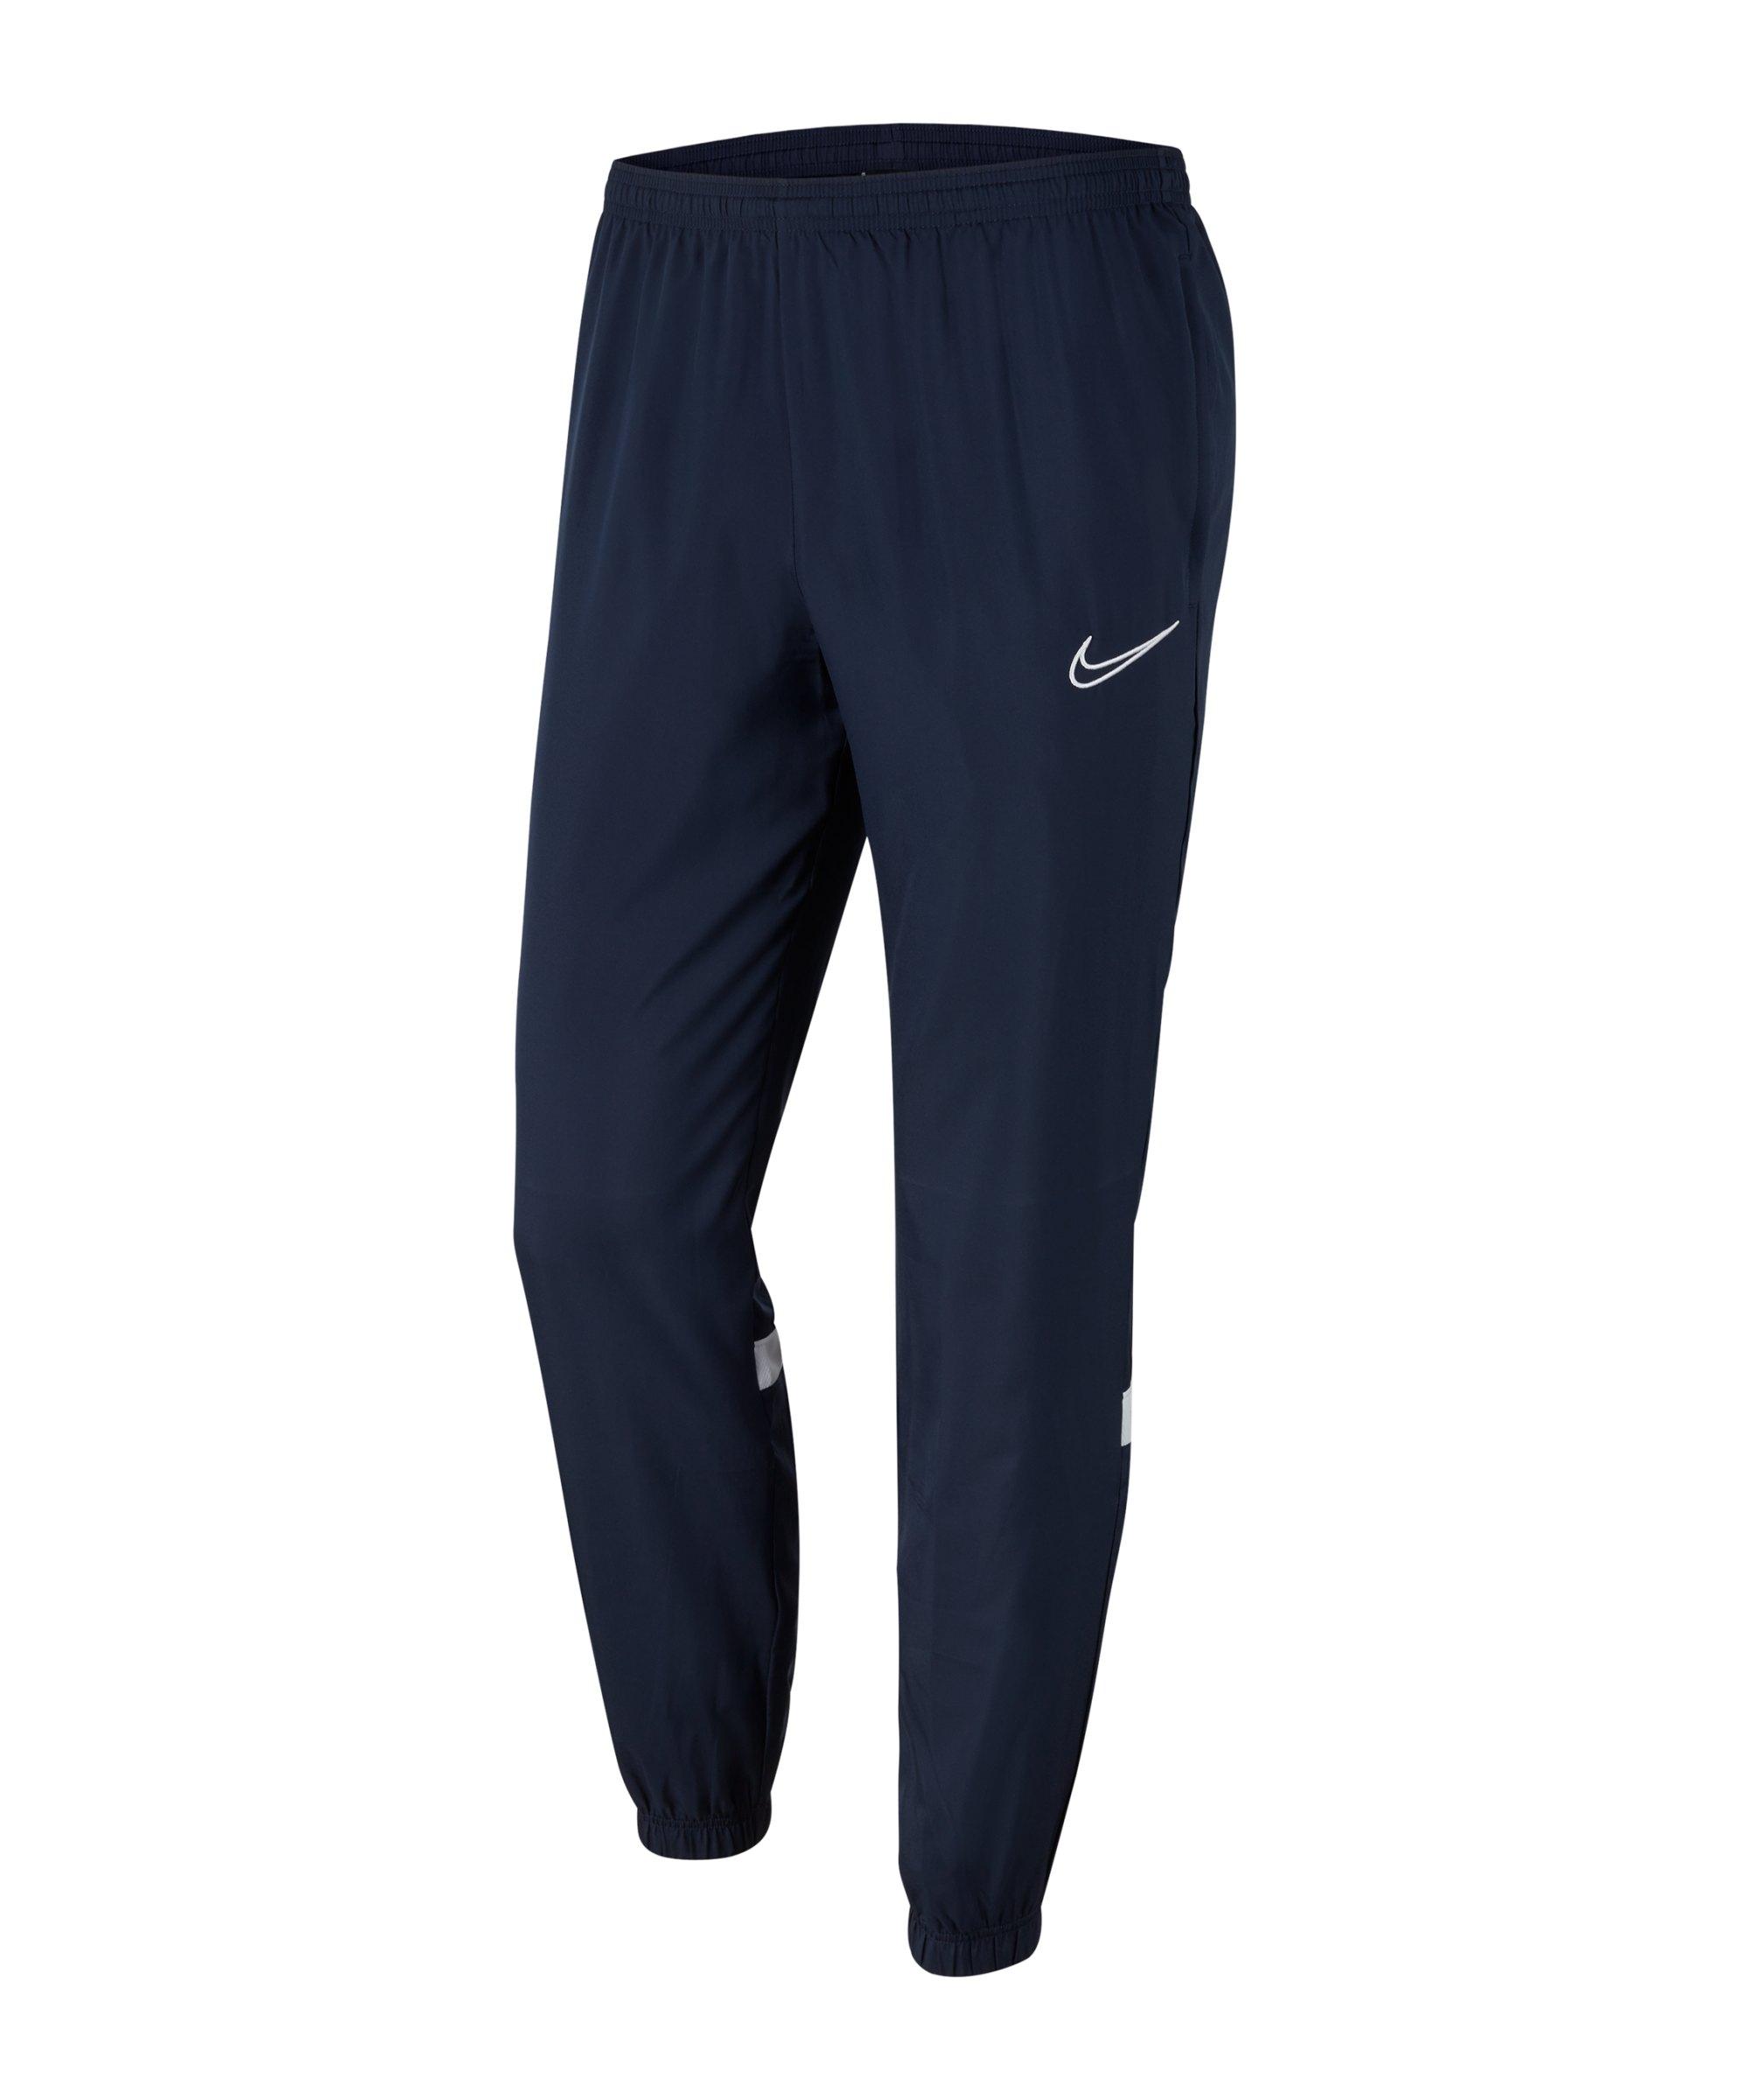 Nike Academy 21 Woven Trainingshose F451 - blau